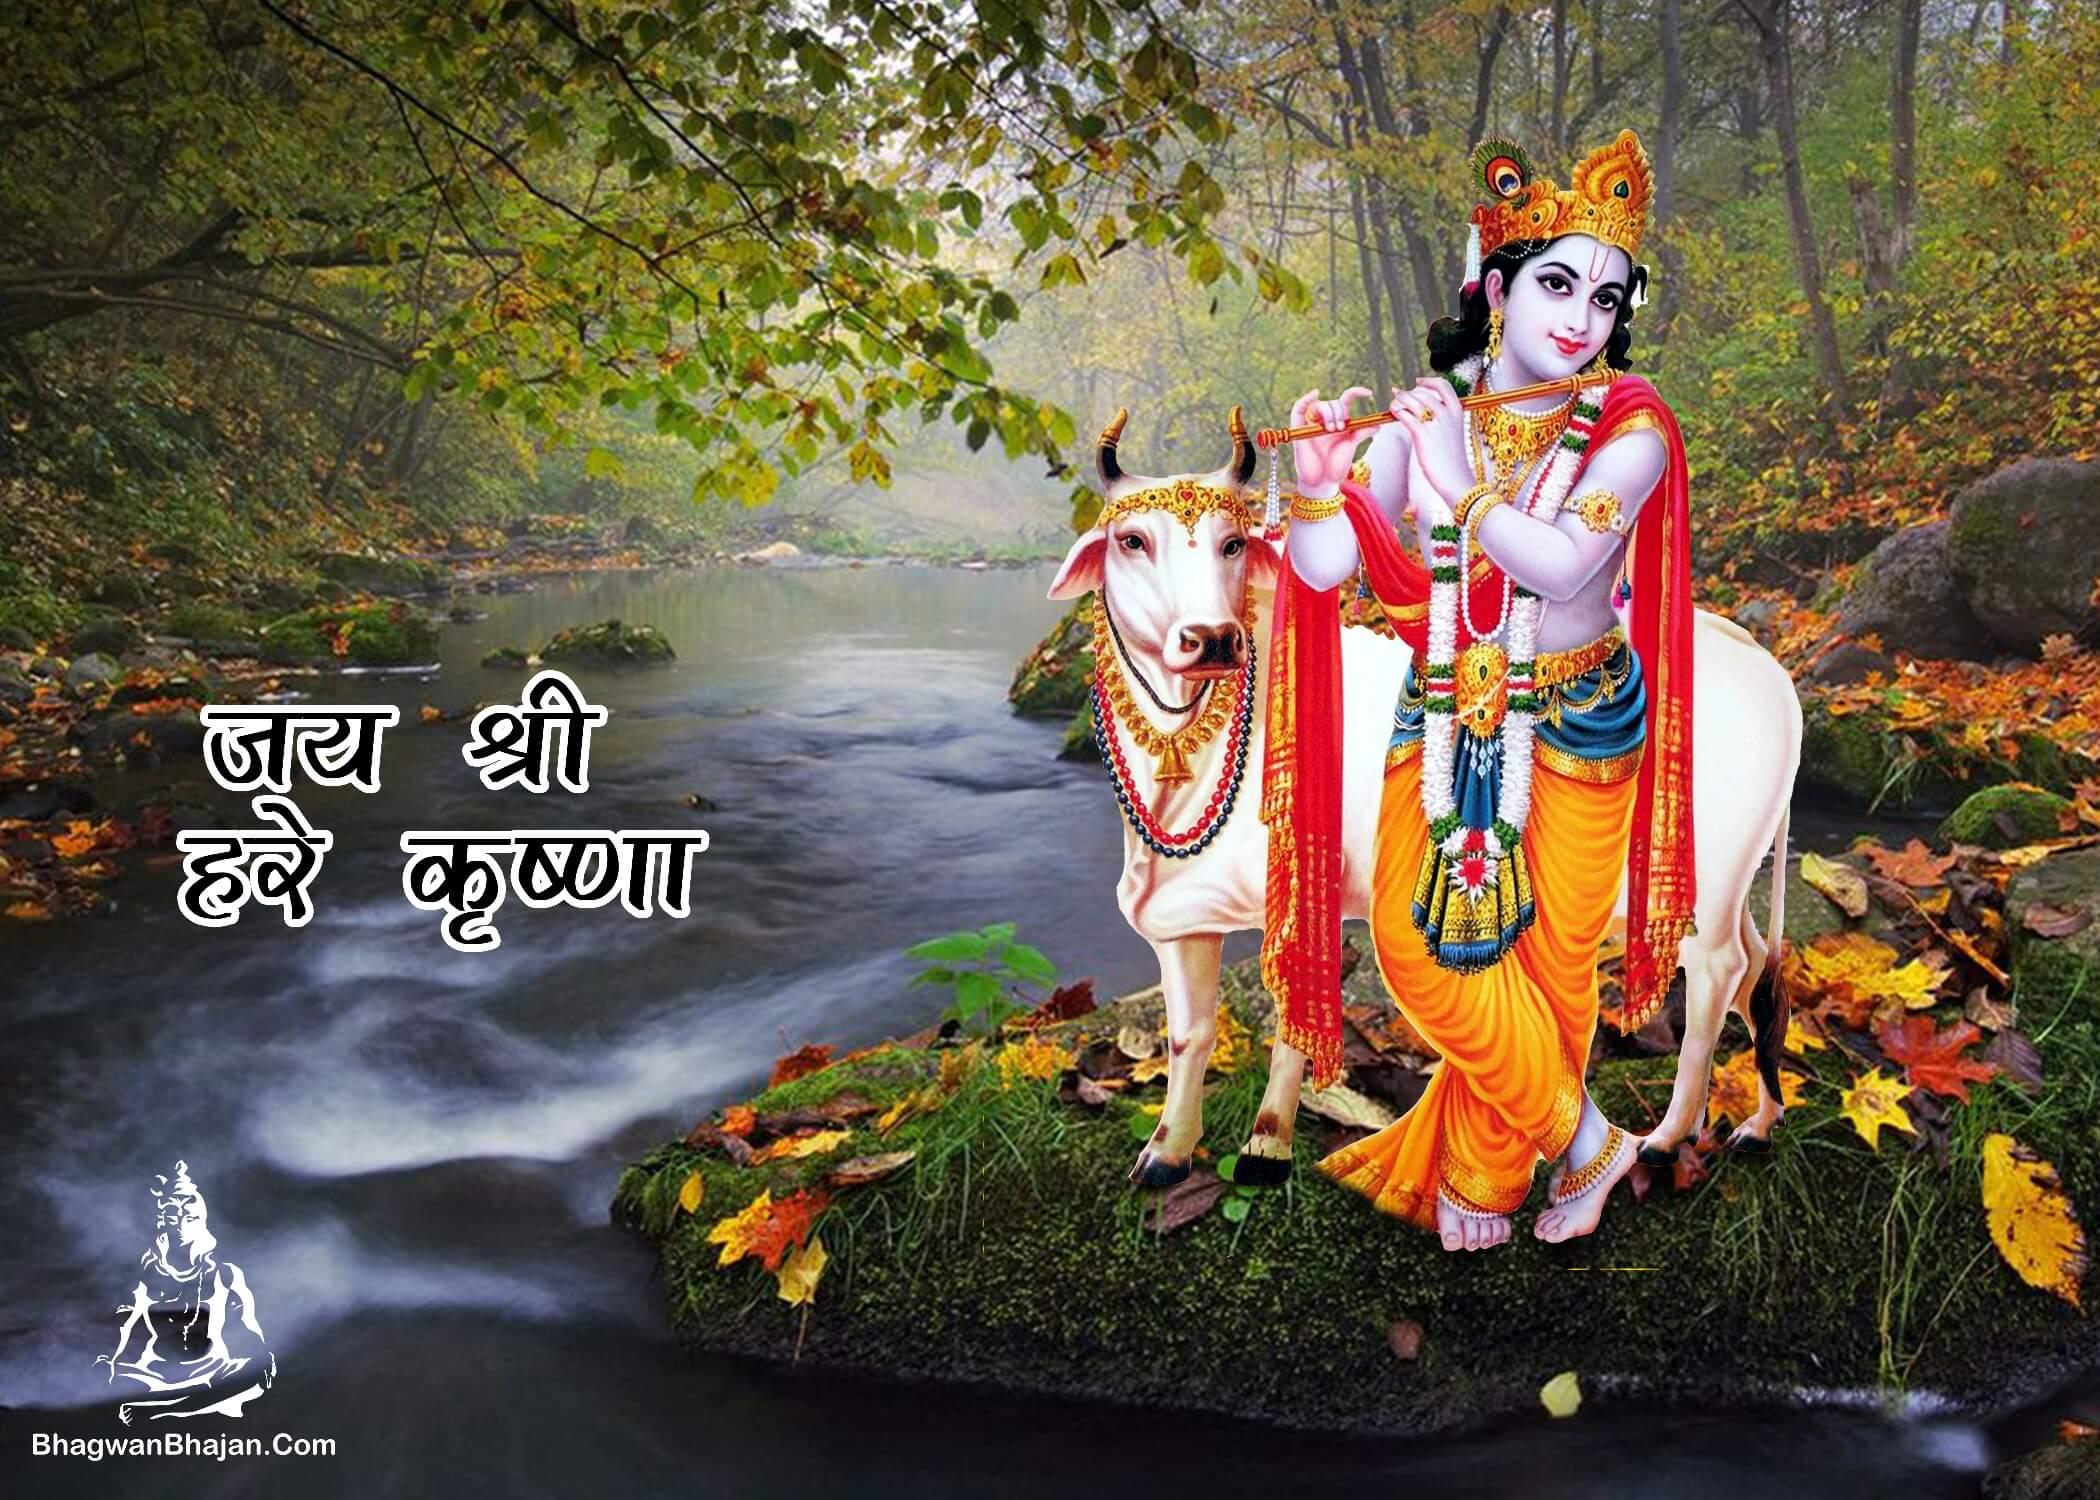 lord krishna jai shri krishna new wallpaper